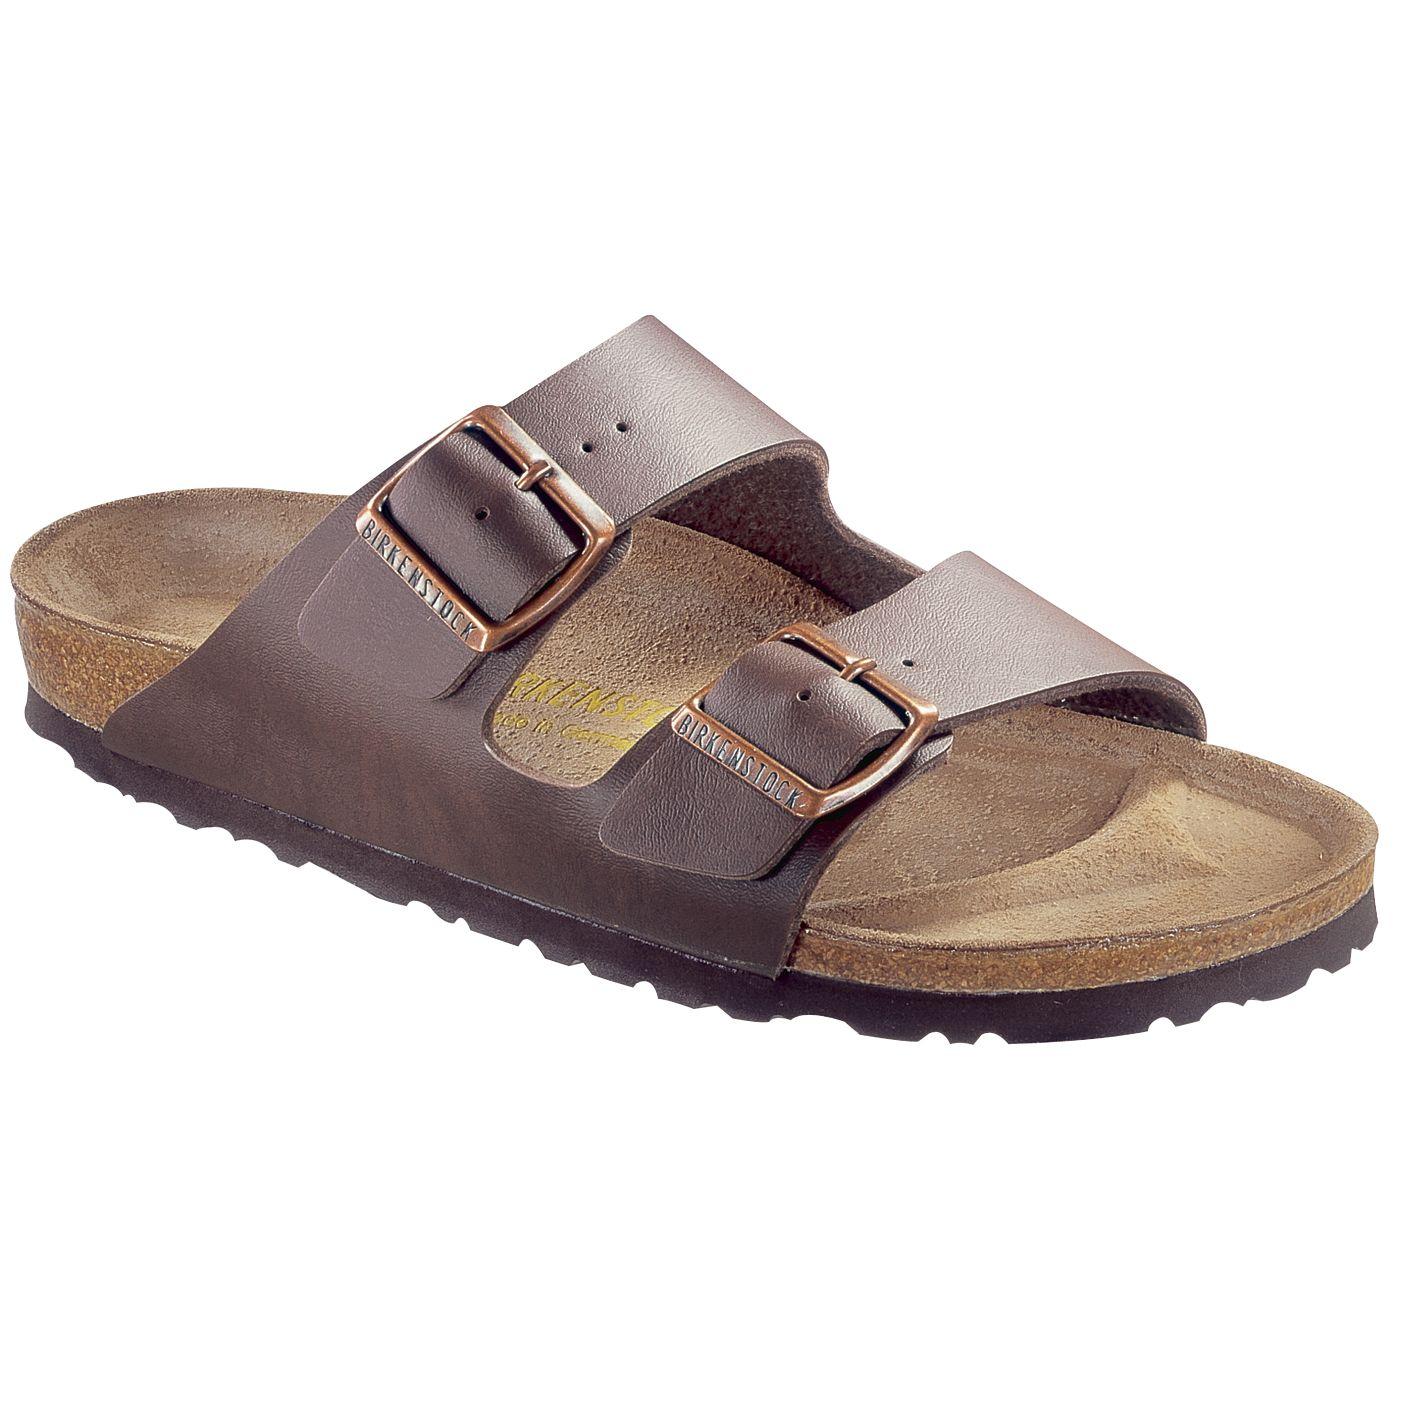 Birkenstock Birkenstock Arizona Sandals, Brown